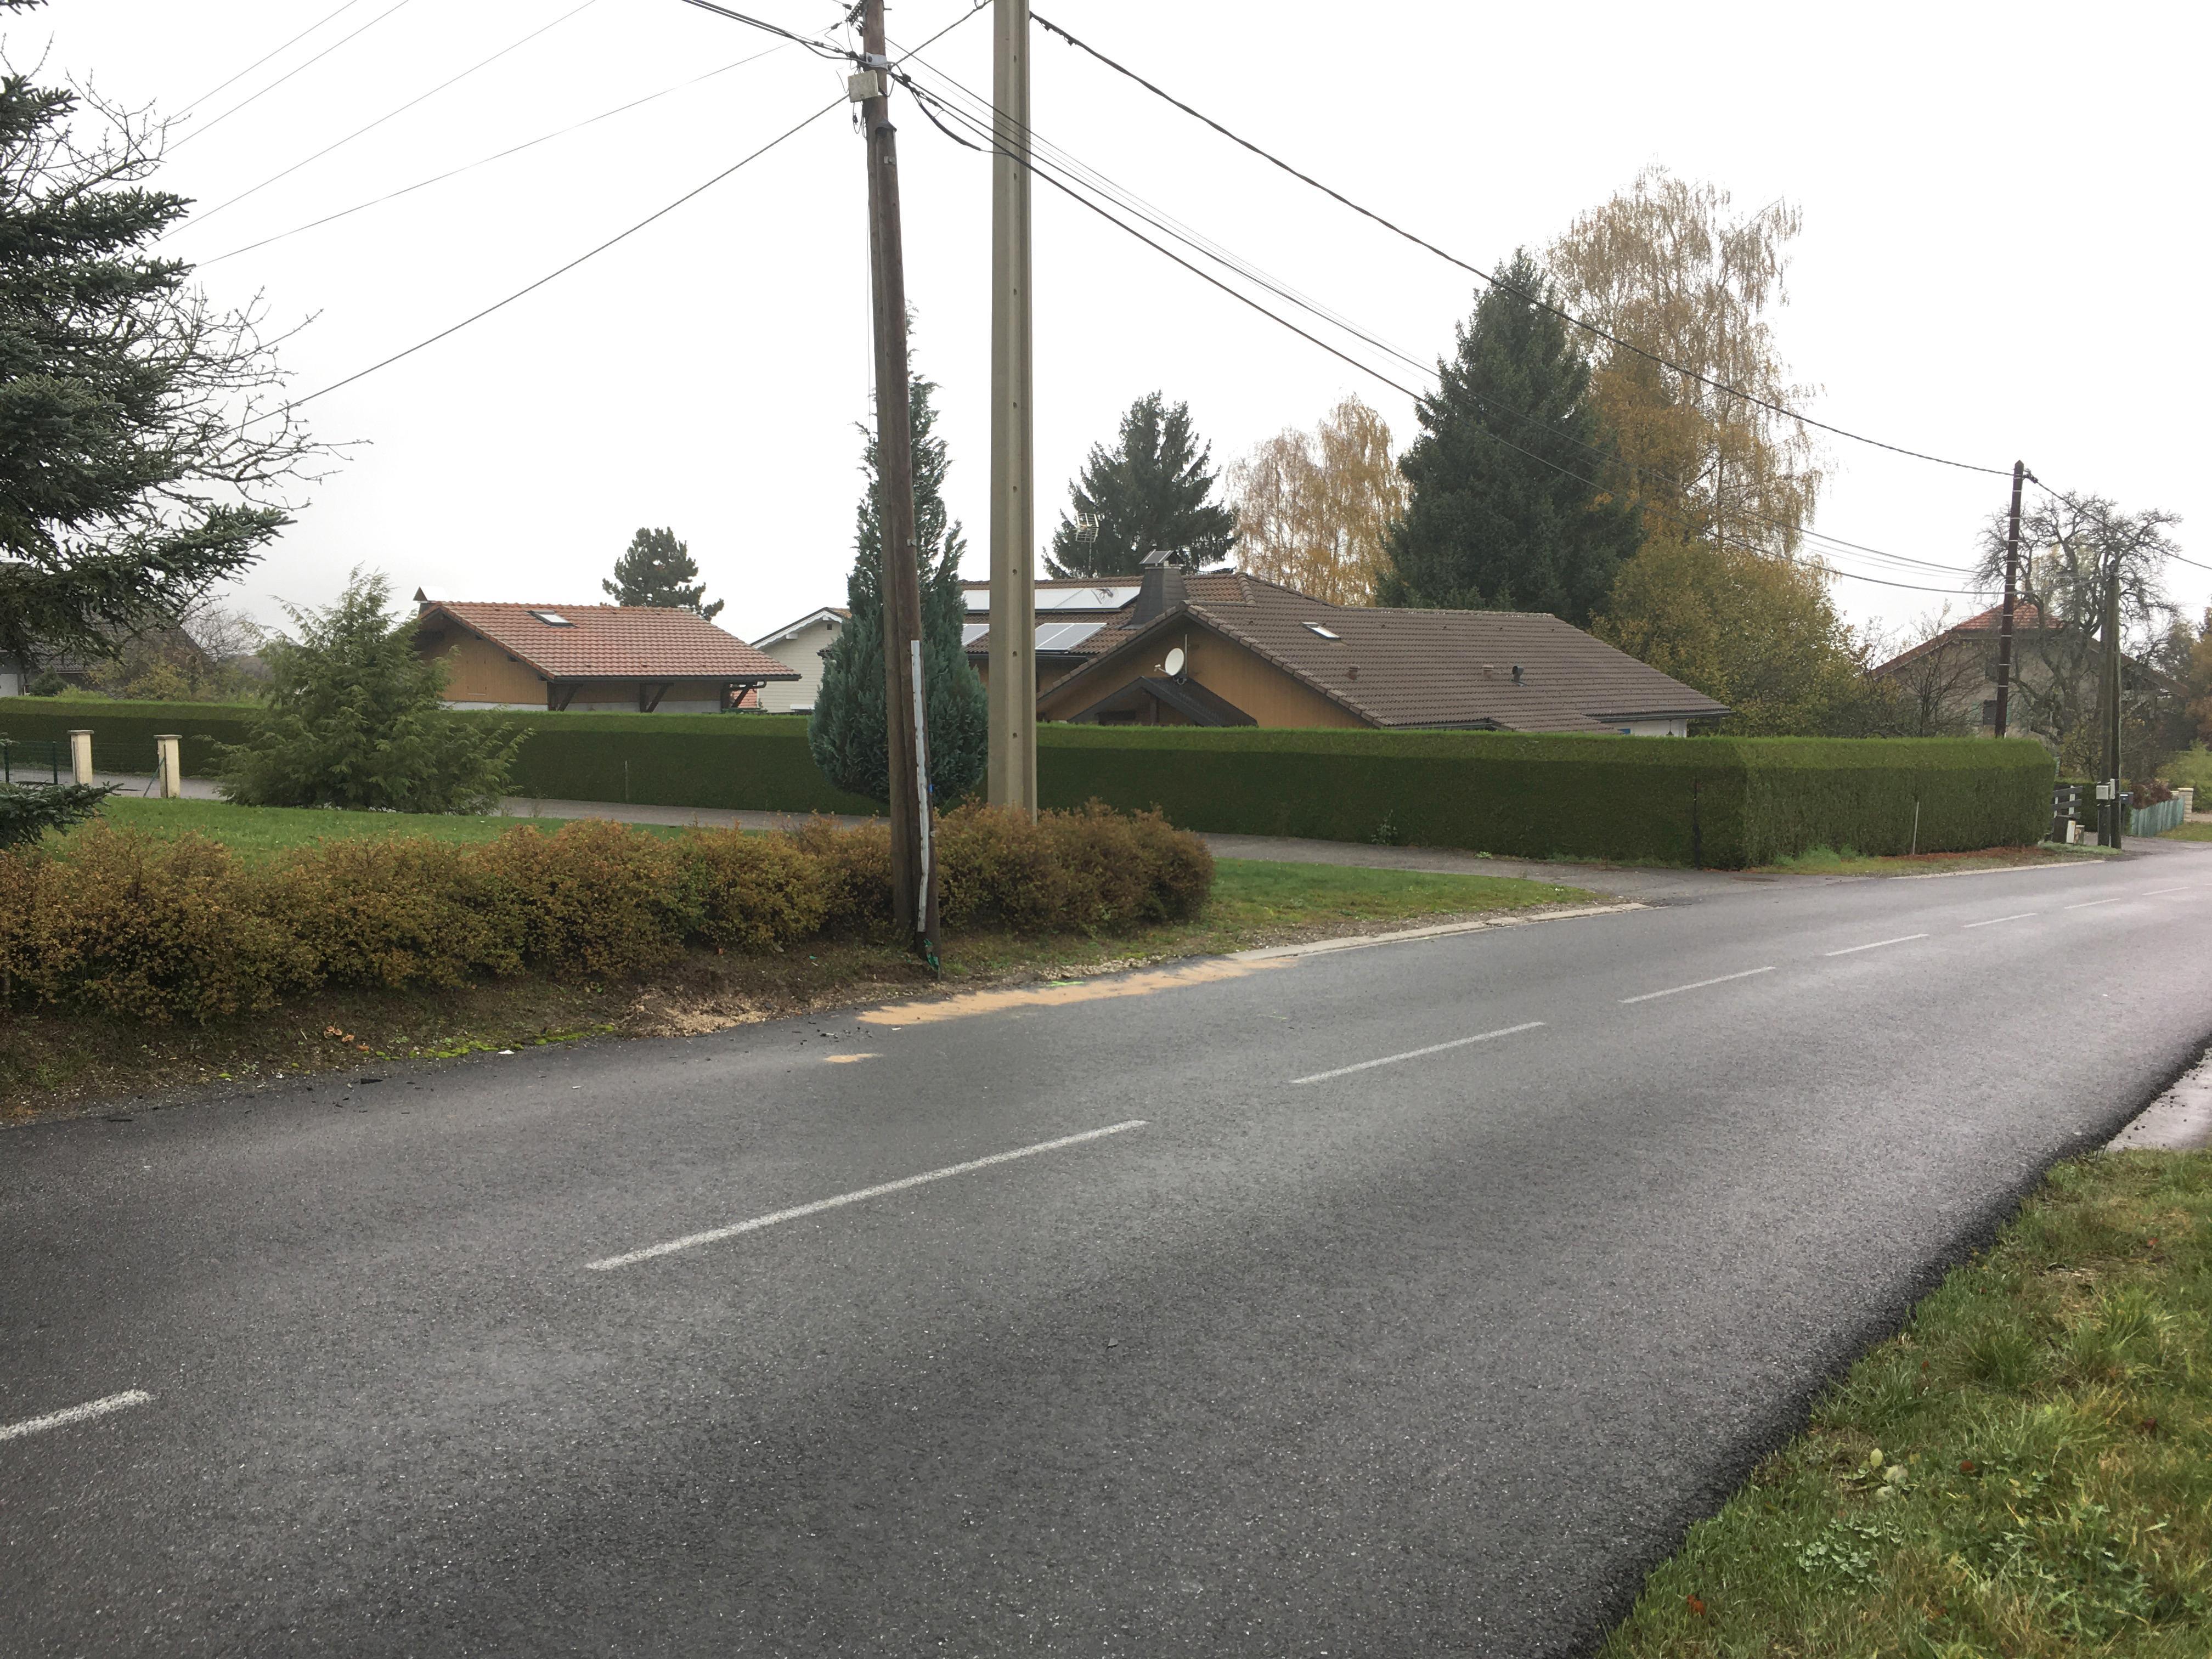 Vendredi 8 novembre, deux voitures sont entrées en collision au carrefour de Praubert, à Saint-Paul-en-Chablais. L'une des deux voitures, dans sa perte de contrôle, est allée percuter un piéton.